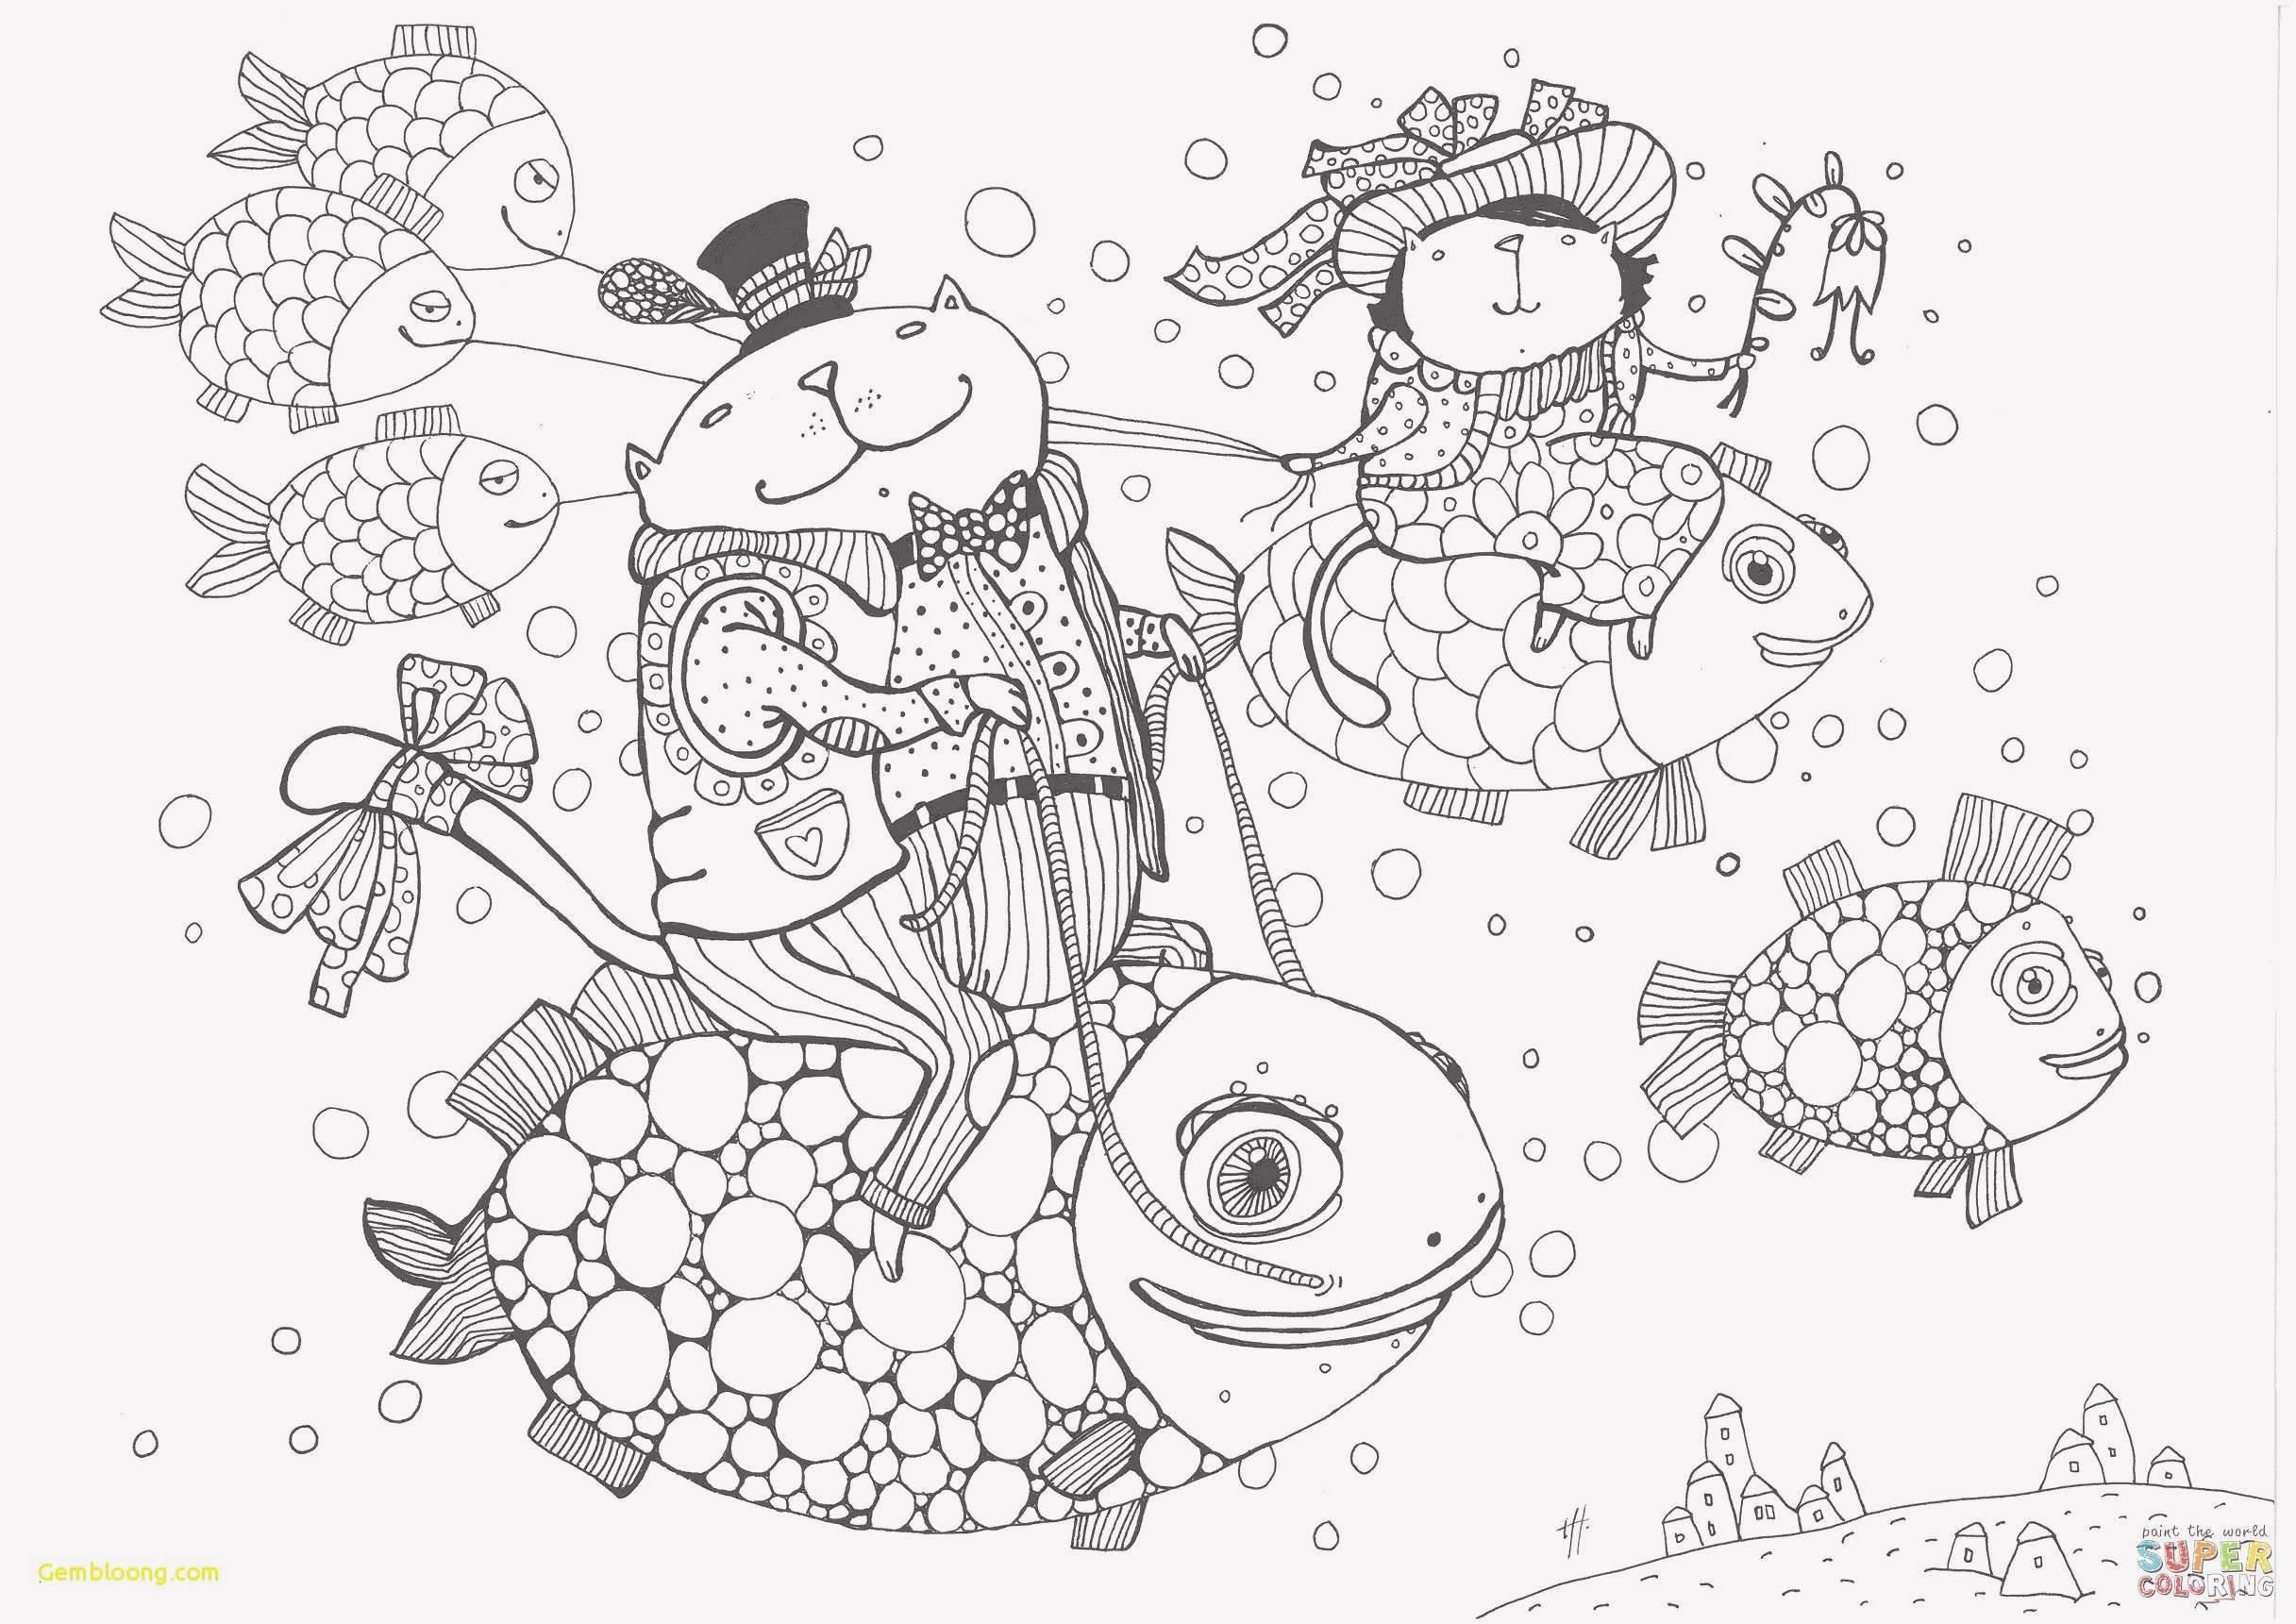 Weihnachtsmann Und Co Kg Ausmalbilder Inspirierend Christkind Ausmalbilder Fresh 40 Ausmalbilder Weihnachtsmann Und Co Fotos